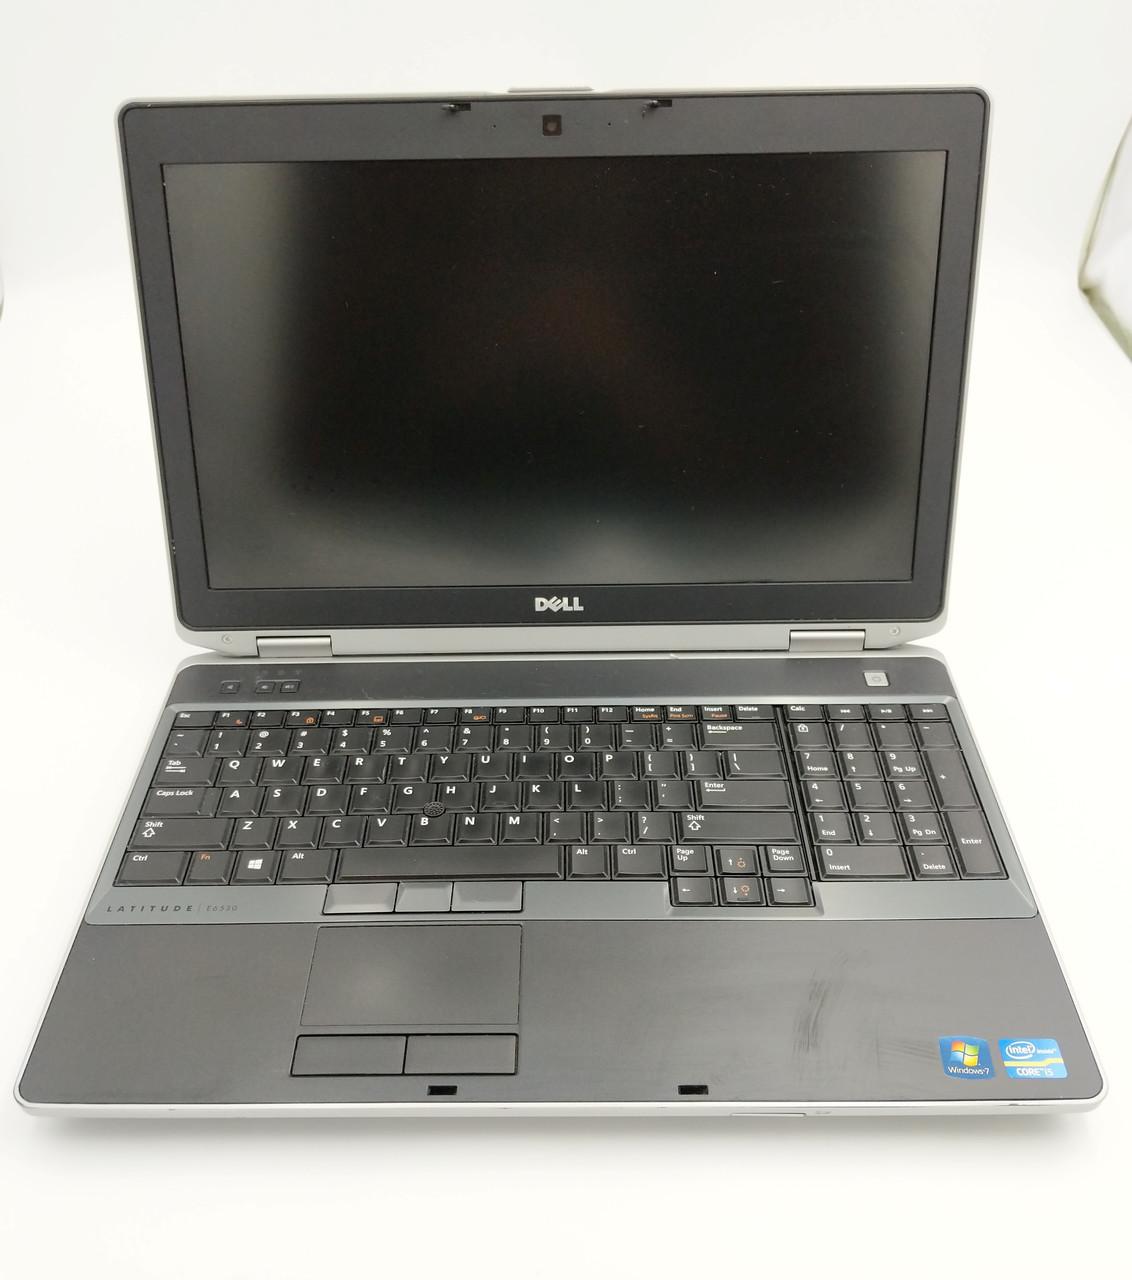 Б/У Dell Latitude E6530 15.6″ HD+  i5-3320M /DDR3 8 Gb /SSD  240Нет в наличии 3